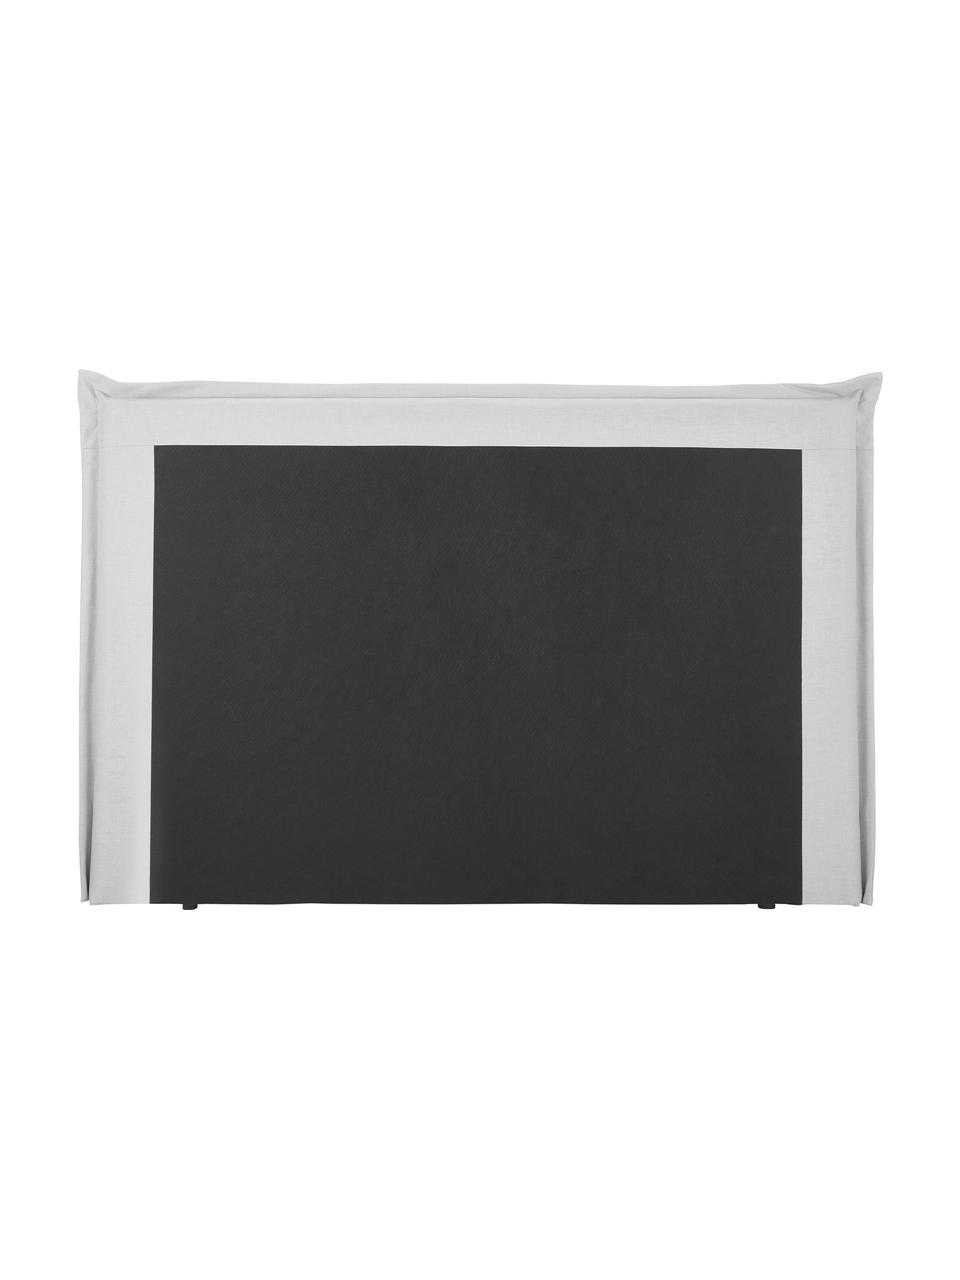 Letto Boxspring in tessuto grigio chiaro con contenitore Premium Violet, Materasso: nucleo a 5 zone di molle , Piedini: legno di betulla massicci, Bianco-grigio chiaro, 160 x 200 cm